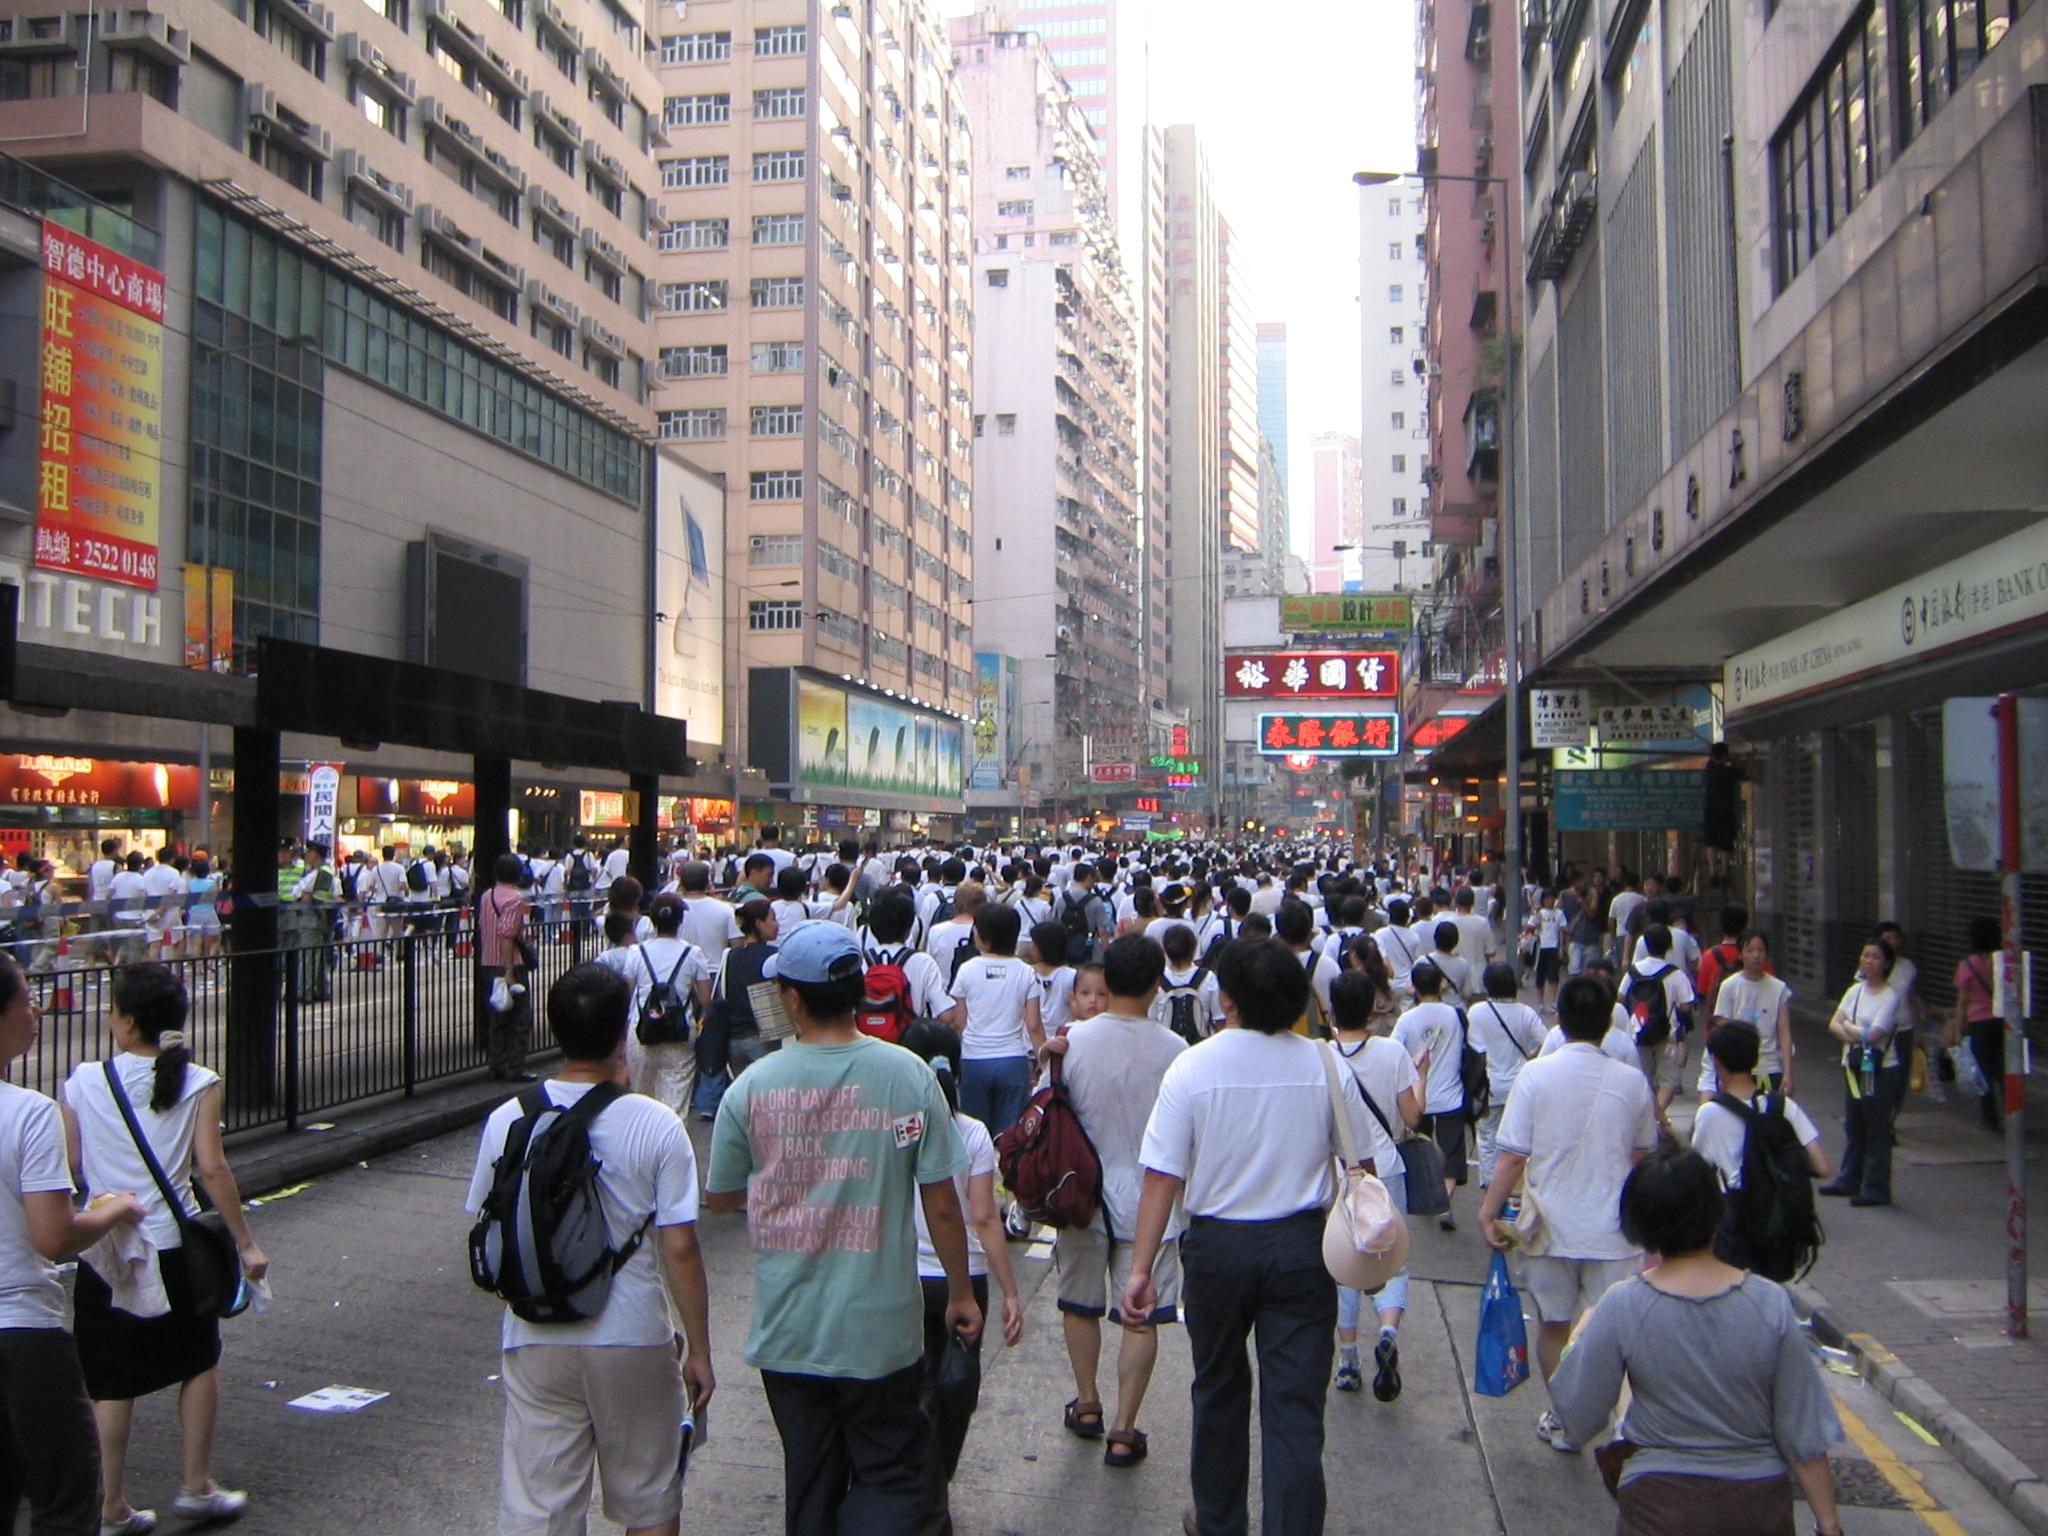 香港のデモで知った世界における「香港」の立ち位置